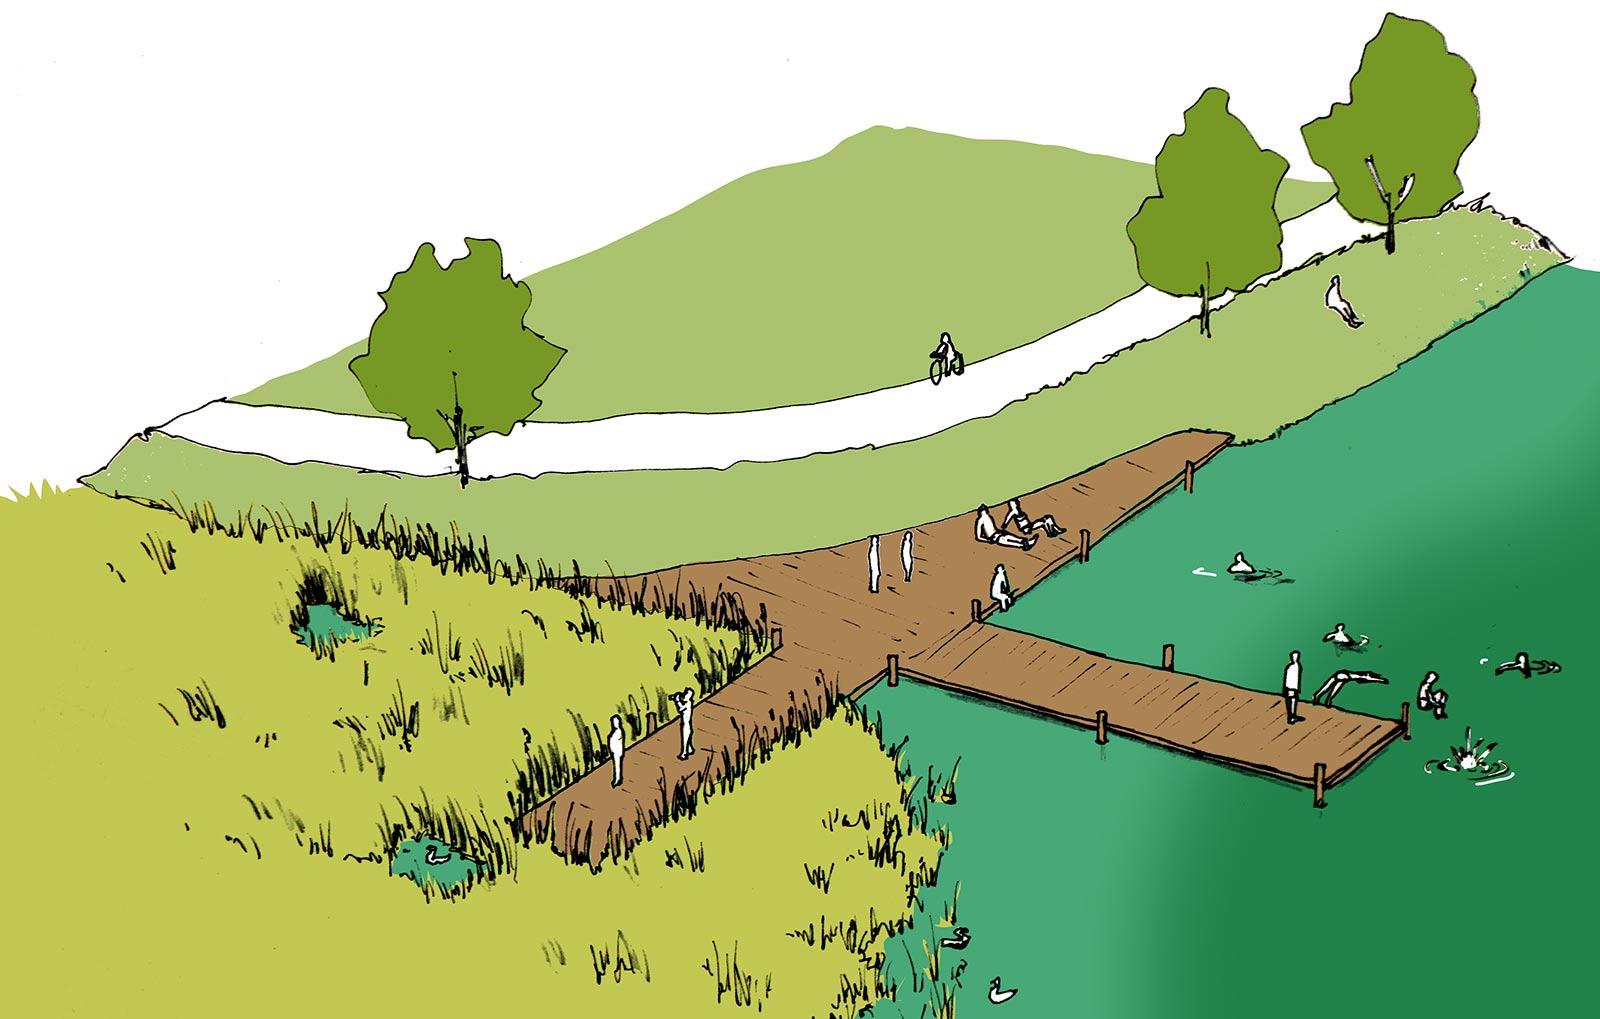 Minimal infrastructure makes the lake accessible to swim and discover nature / L'infrastructure minimale rend le lac accessible à la baignade et à la découverte de la nature / Minimale infrastructuur maakt het meer toegankelijk om te zwemmen en de natuur te ontdekken.